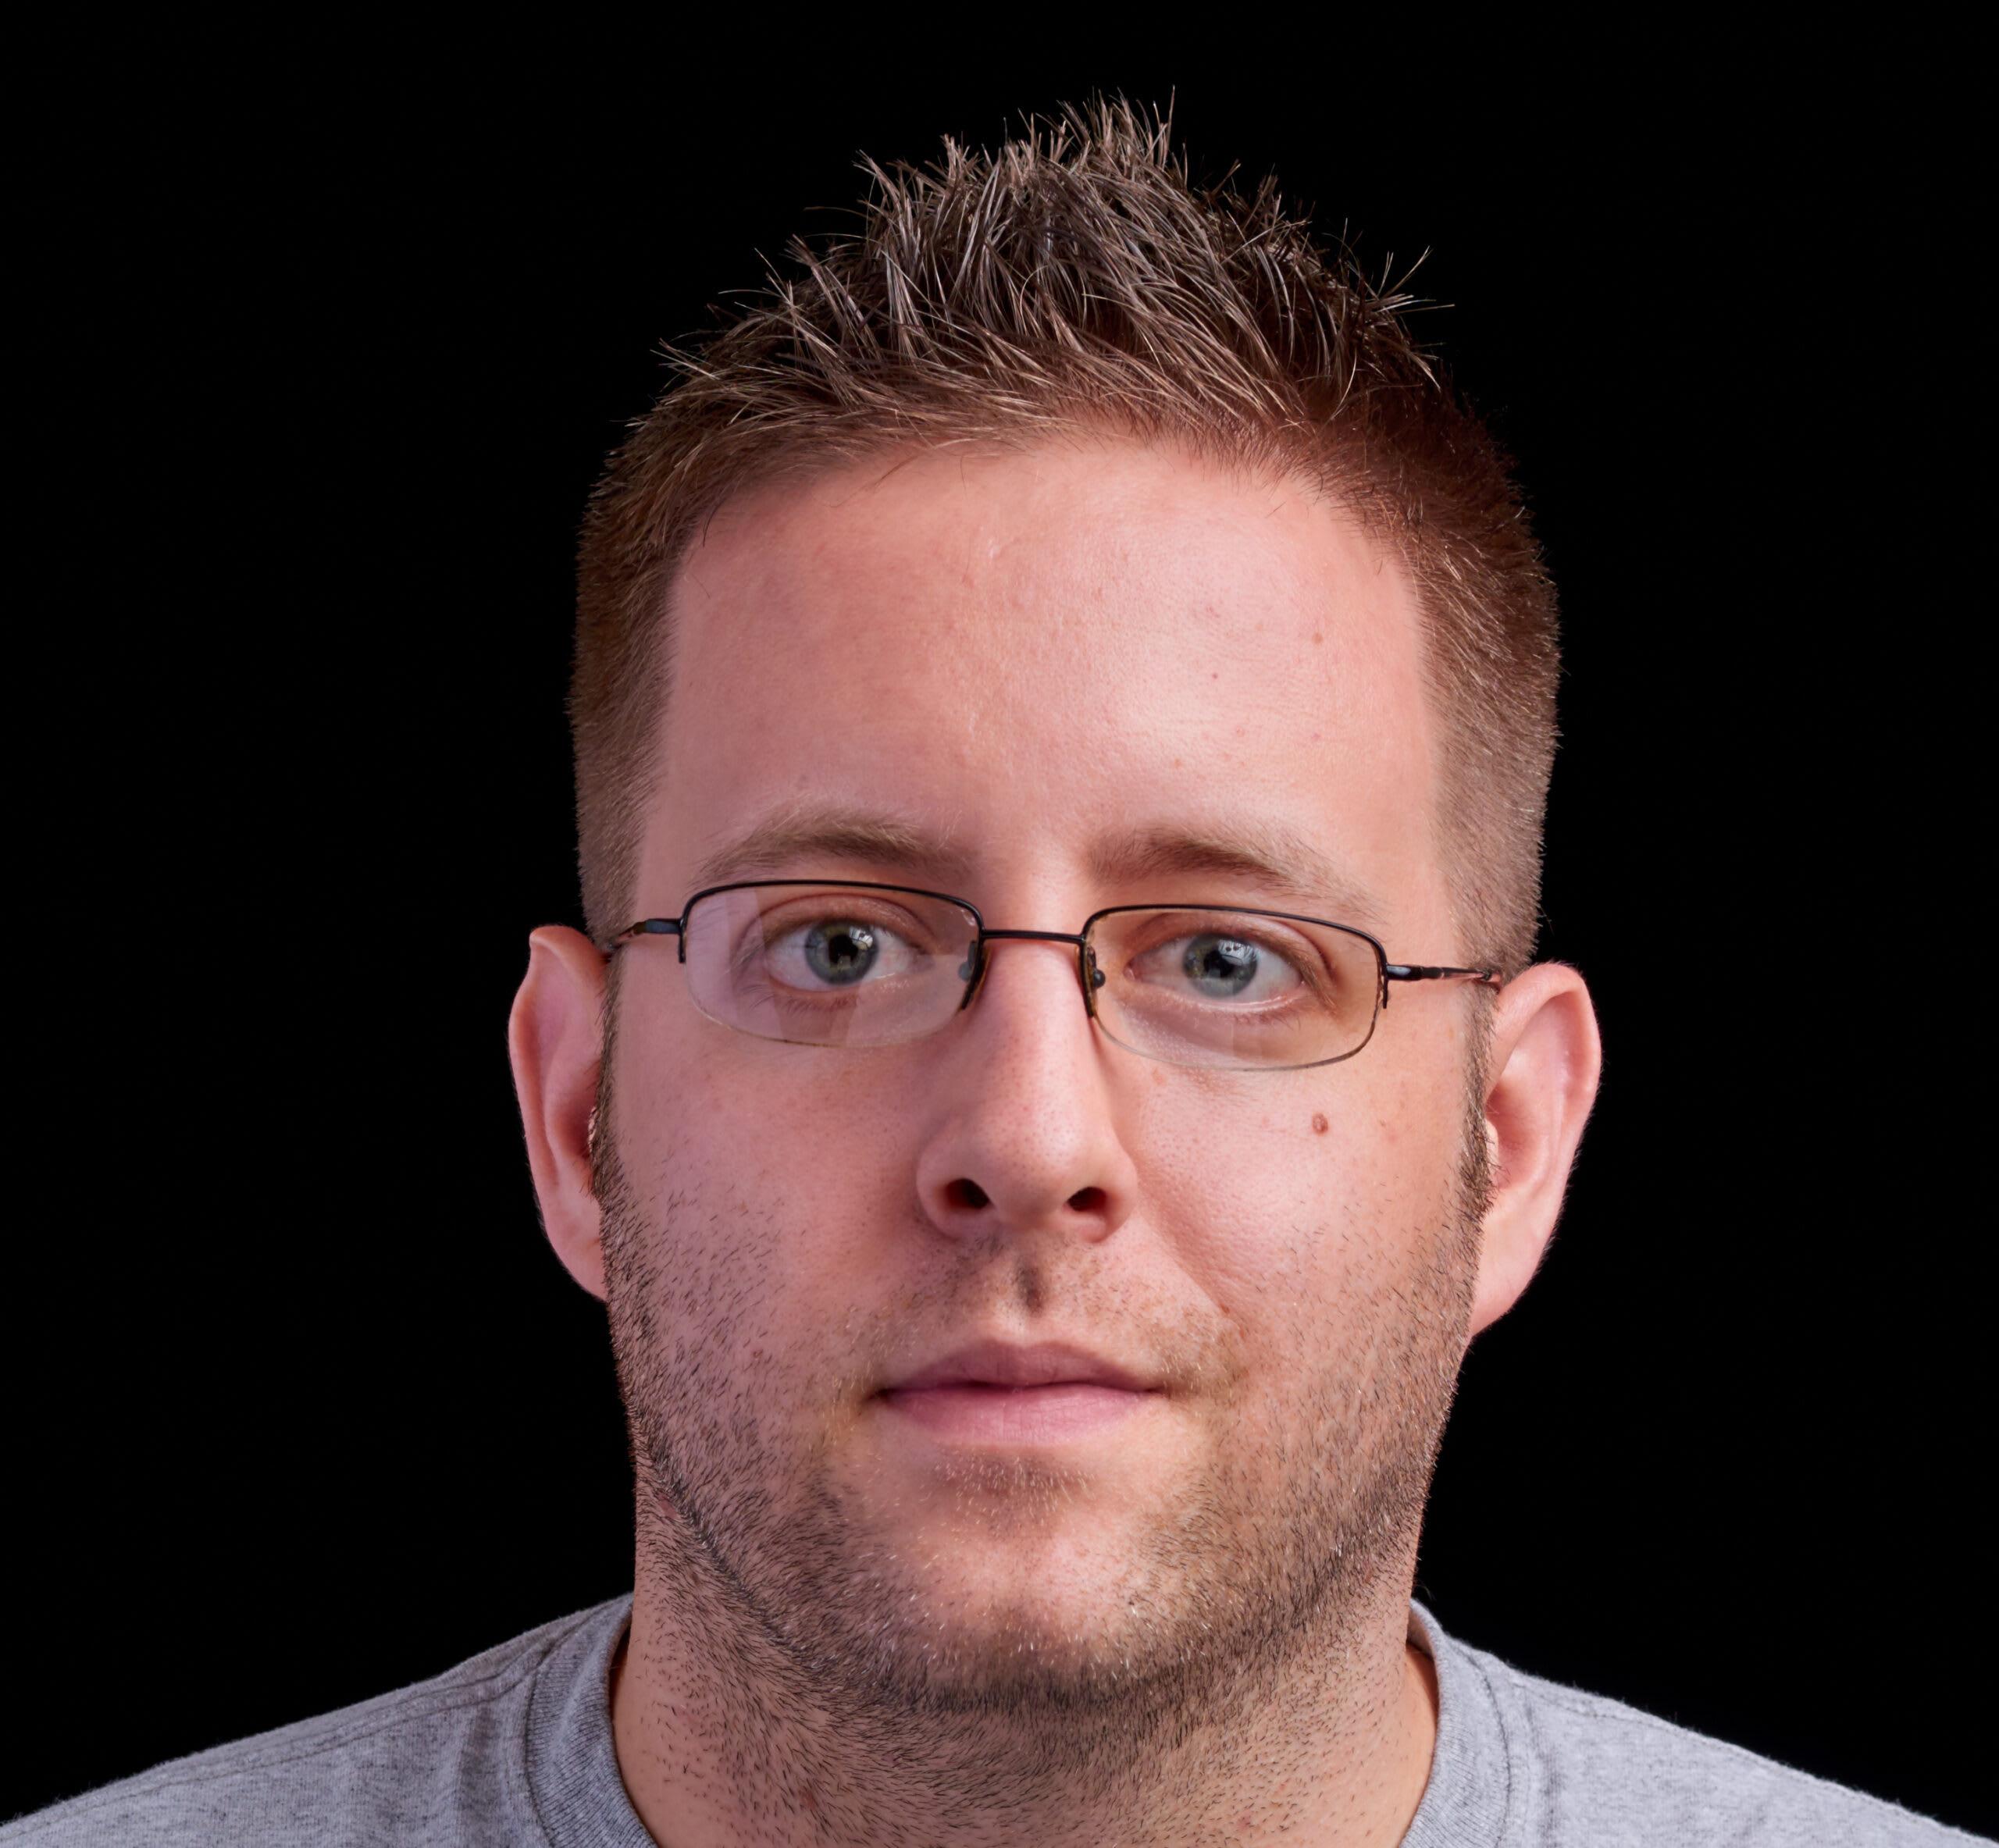 Mike Vanbuskirk